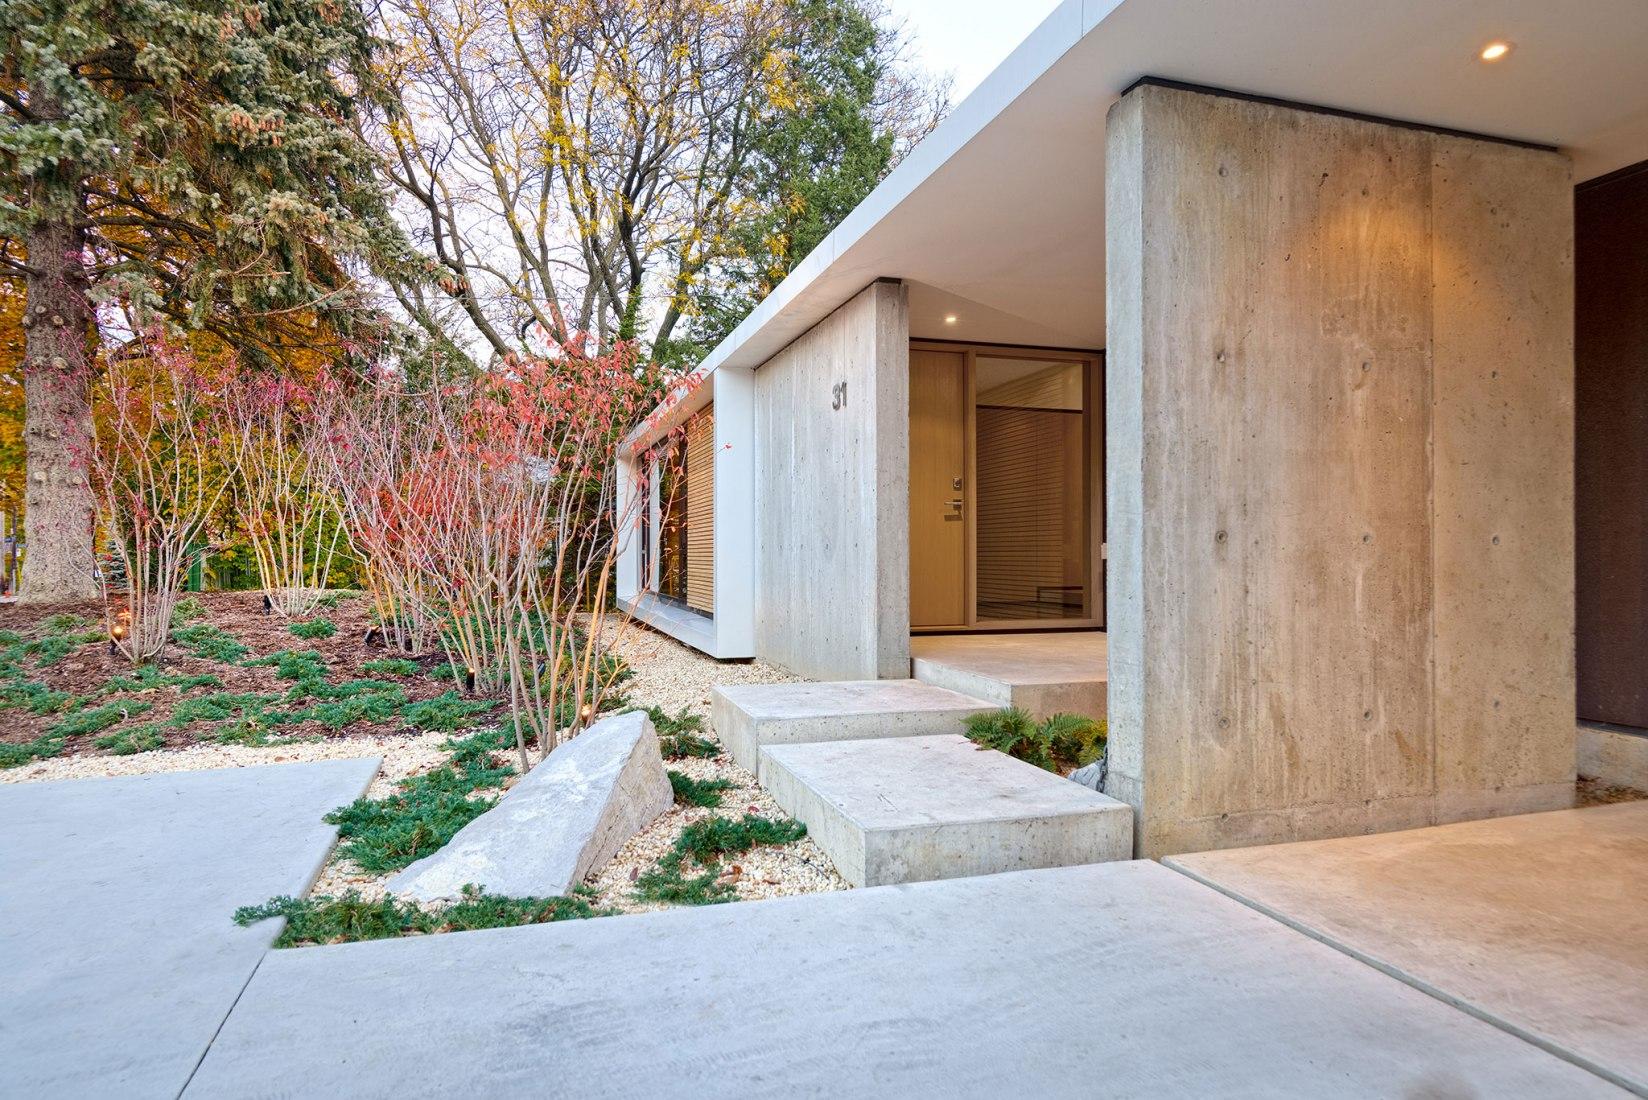 Casa Abenbare, vista de la entrada. Fotografía © Bob Gundu